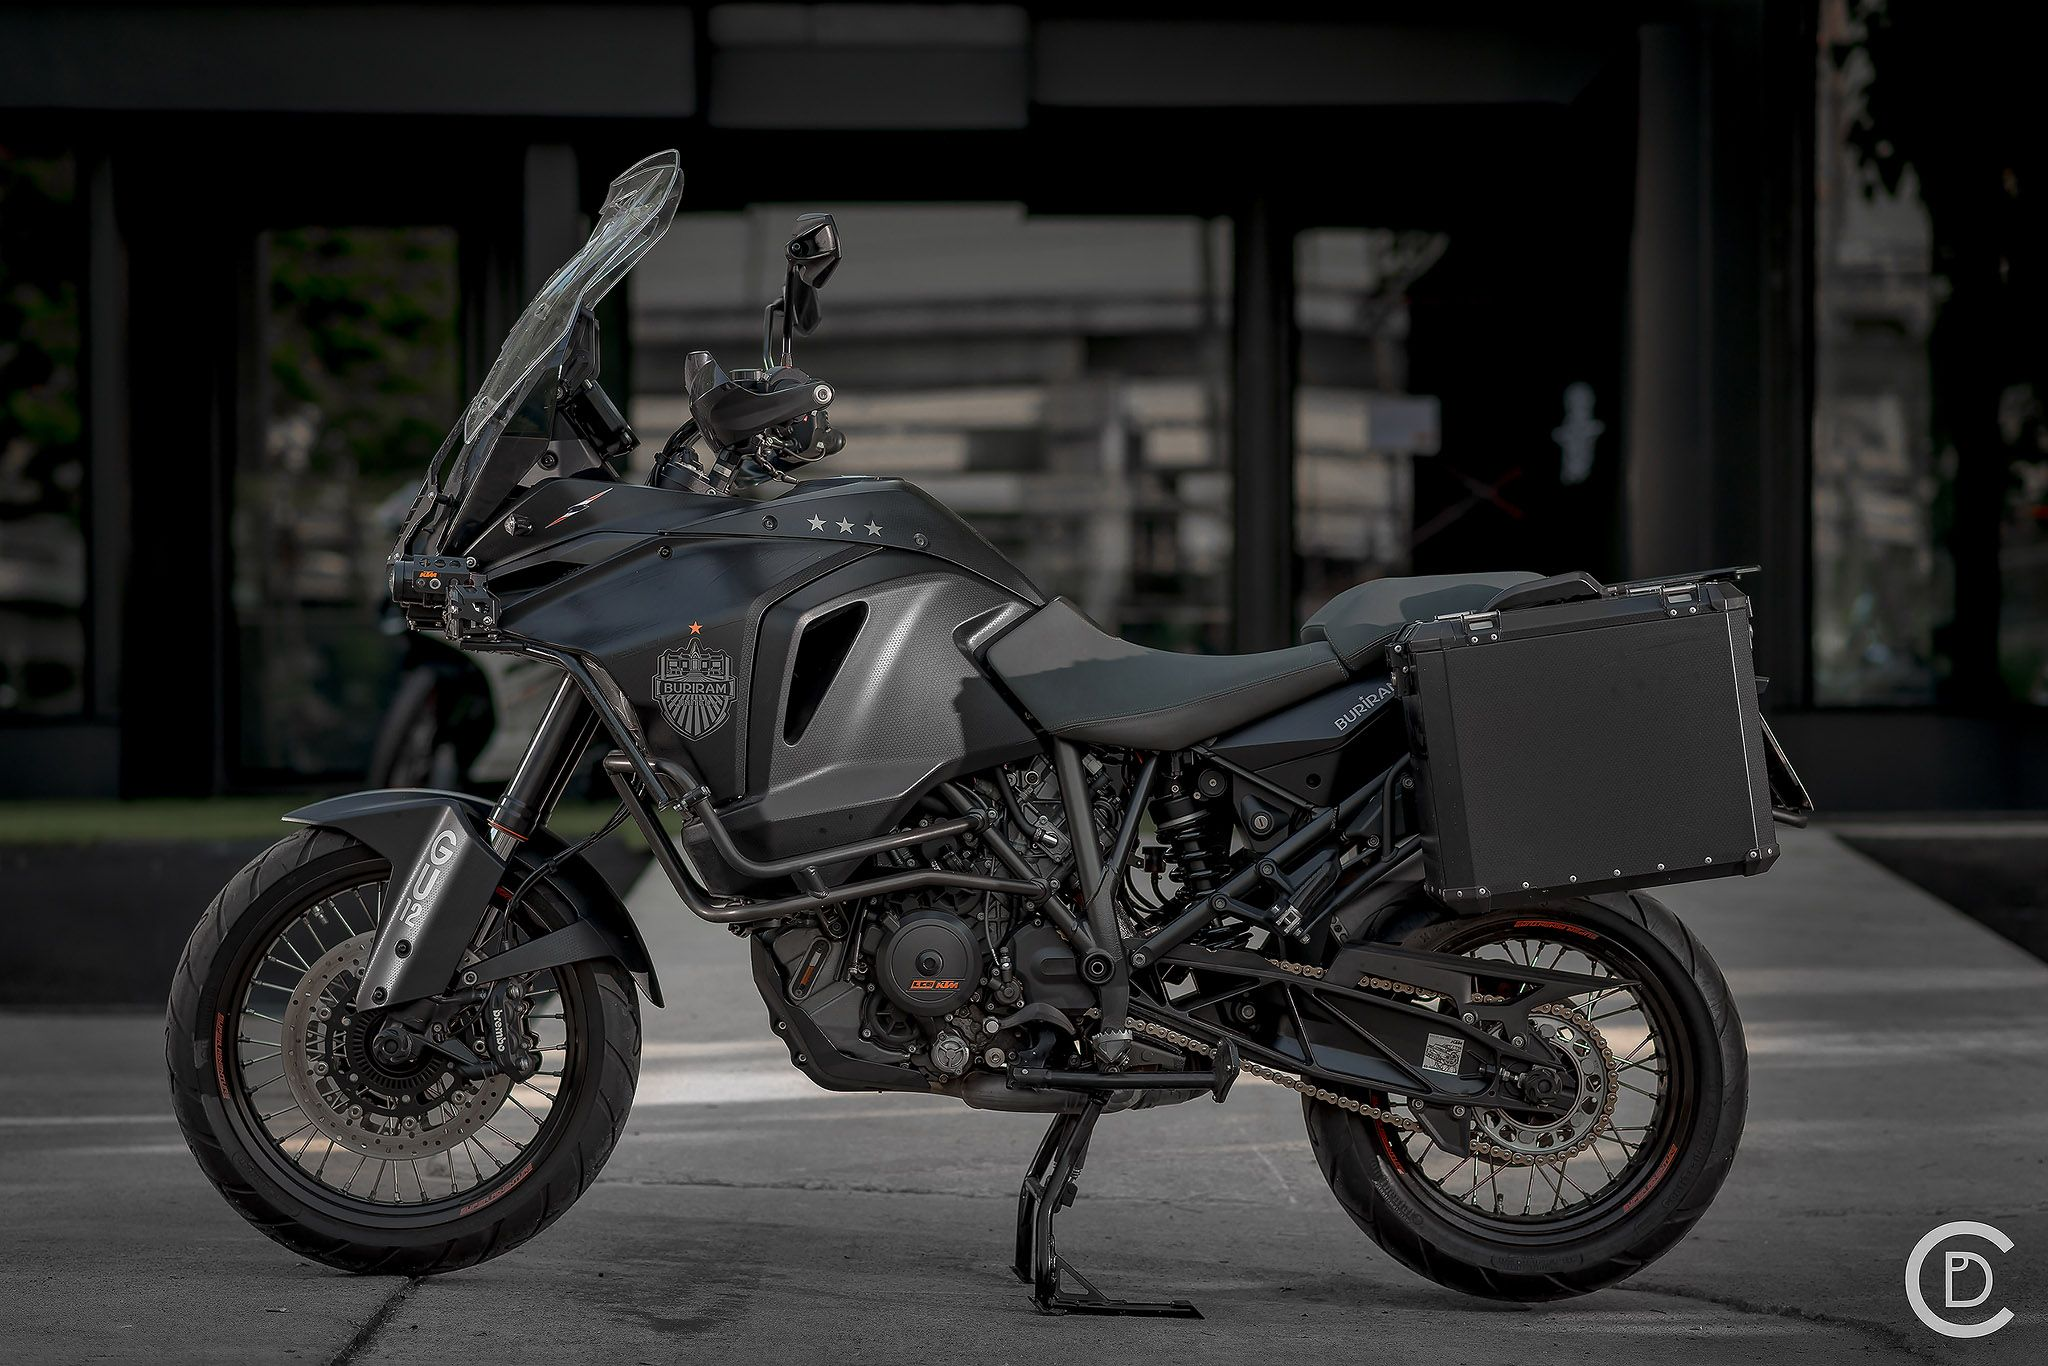 1290 Super Adv Dark Knight Featured Ktm Adventure Adventure Motorcycling Super Adventure